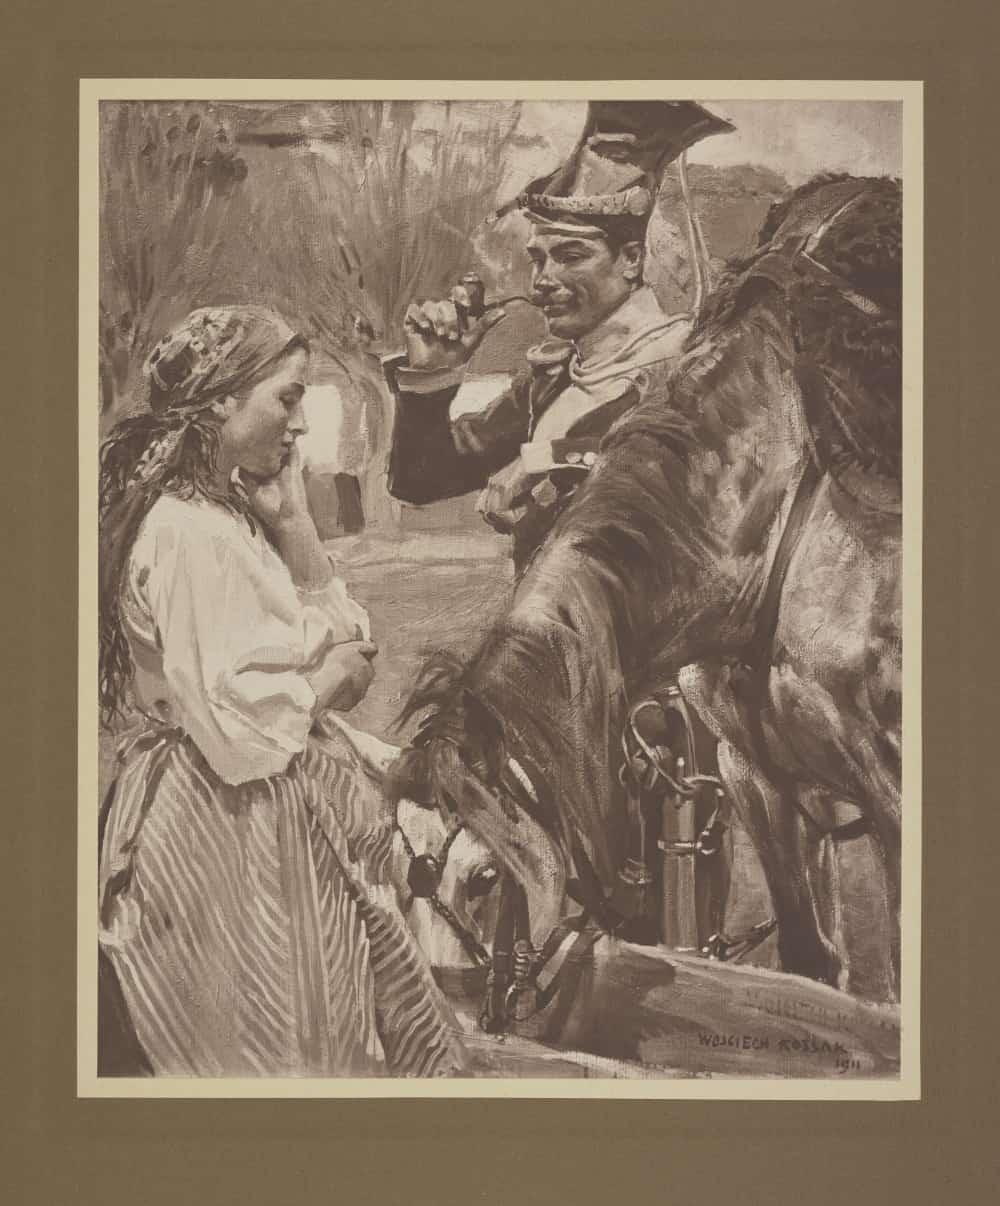 Ułan z fajką pojący konia, fotografia obrazu w. Kossaka z 1911 r. Mundur ułana z czasu Królestwa Kongresowego i Powstania Listopadowego. Źródło: Polona